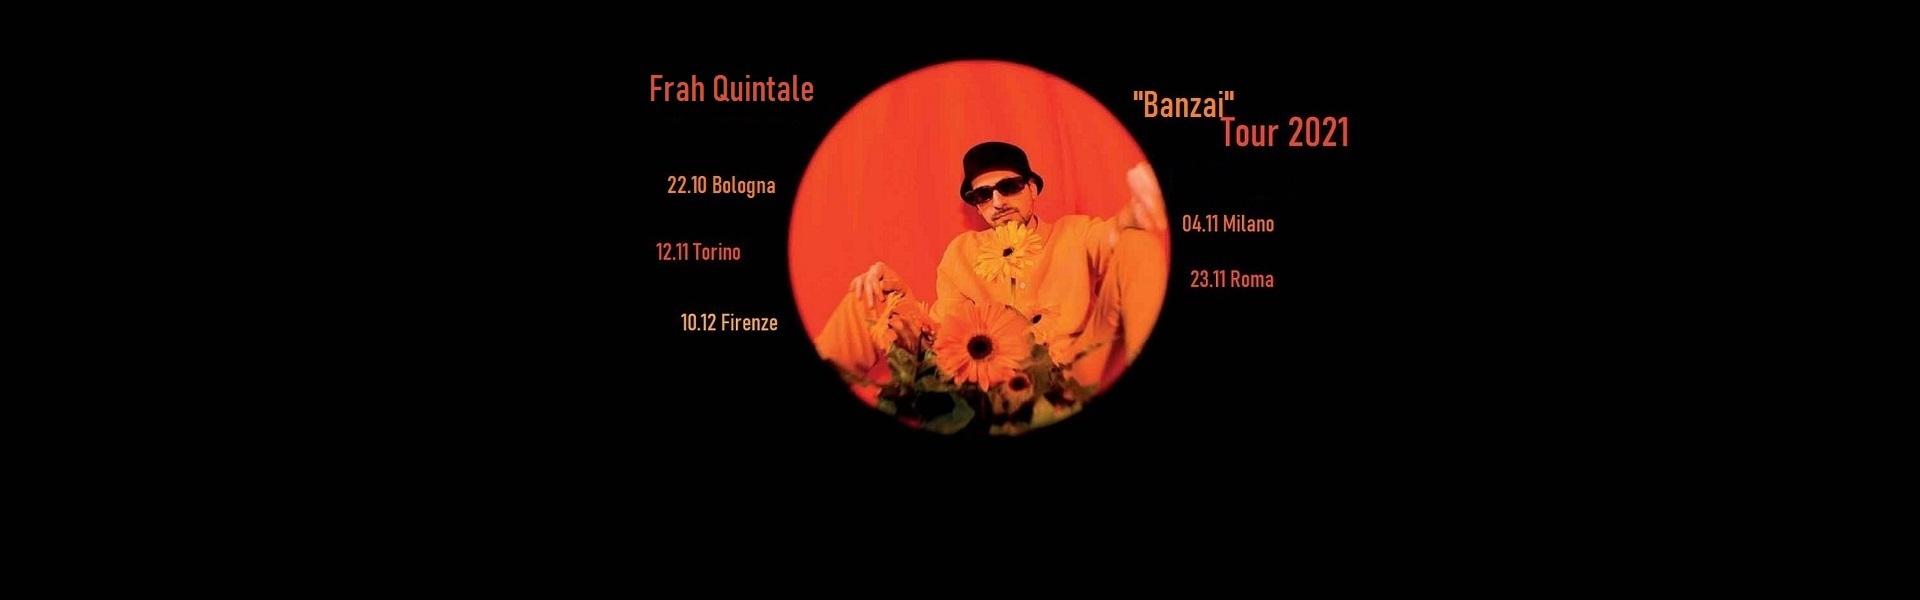 frah quintale Banzai Tour 2021 biglietti concerti Bologna Milano Torino Firenze Roma | Mailticket